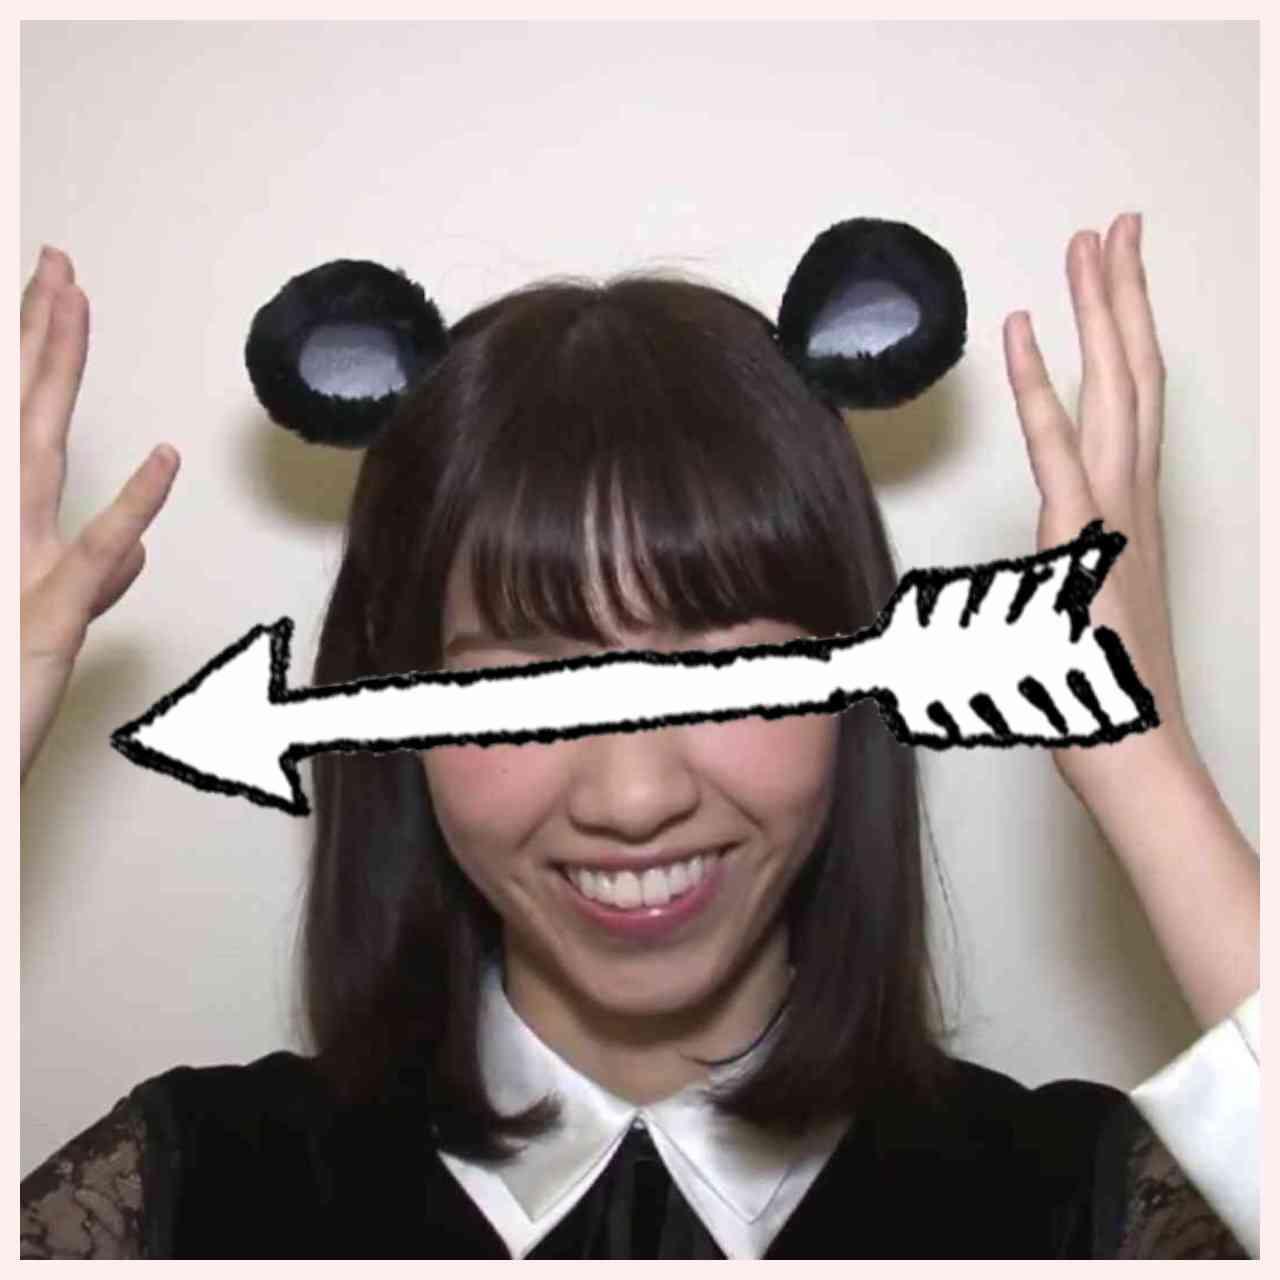 マウスコンピューター、新CMに「乃木坂46」メンバー起用